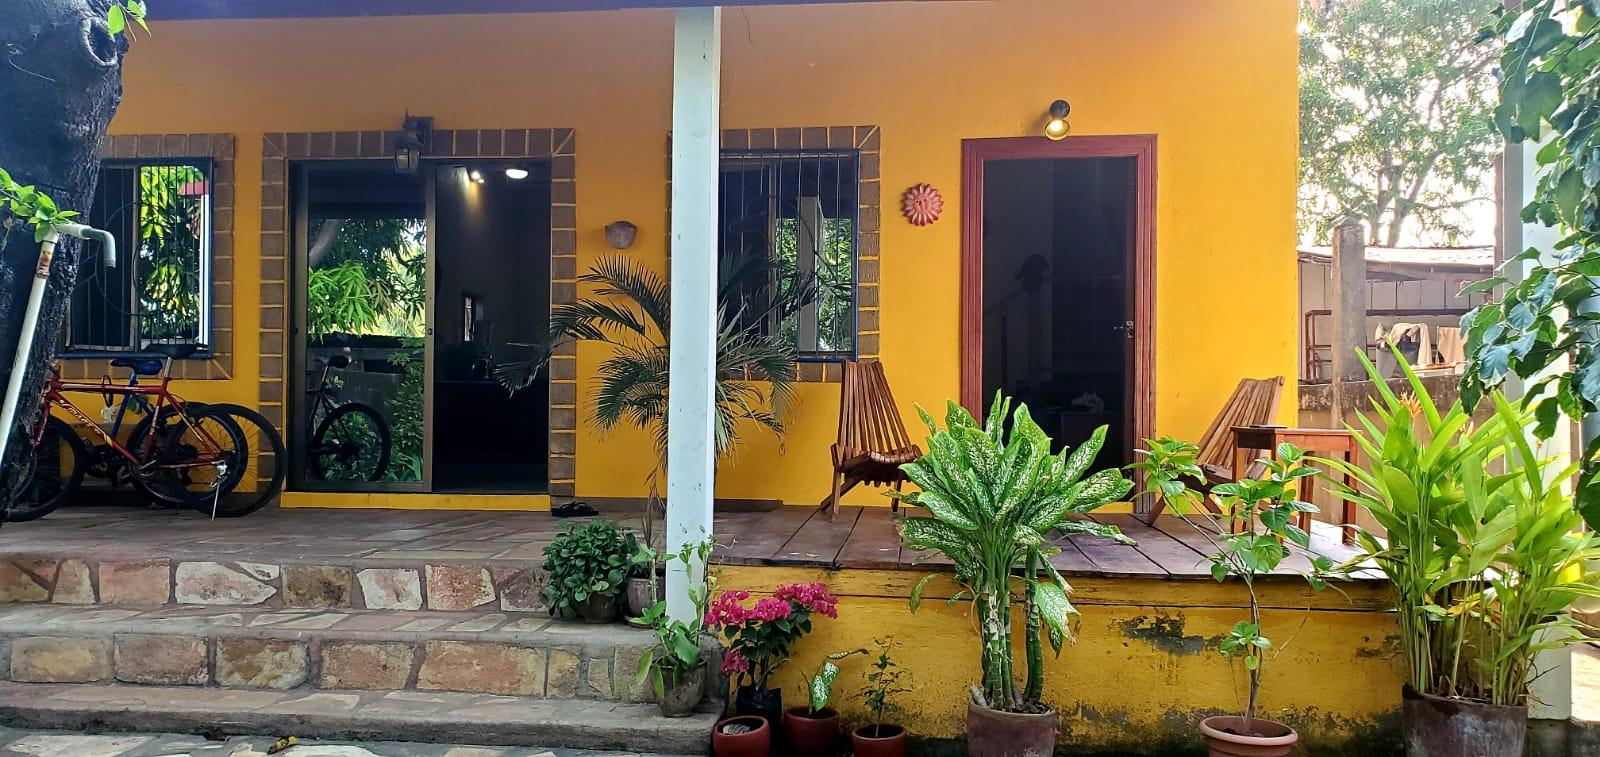 Nicaragua Real Estate Las Penitas Casa Mirador for sale 3 BR 2.5 BA